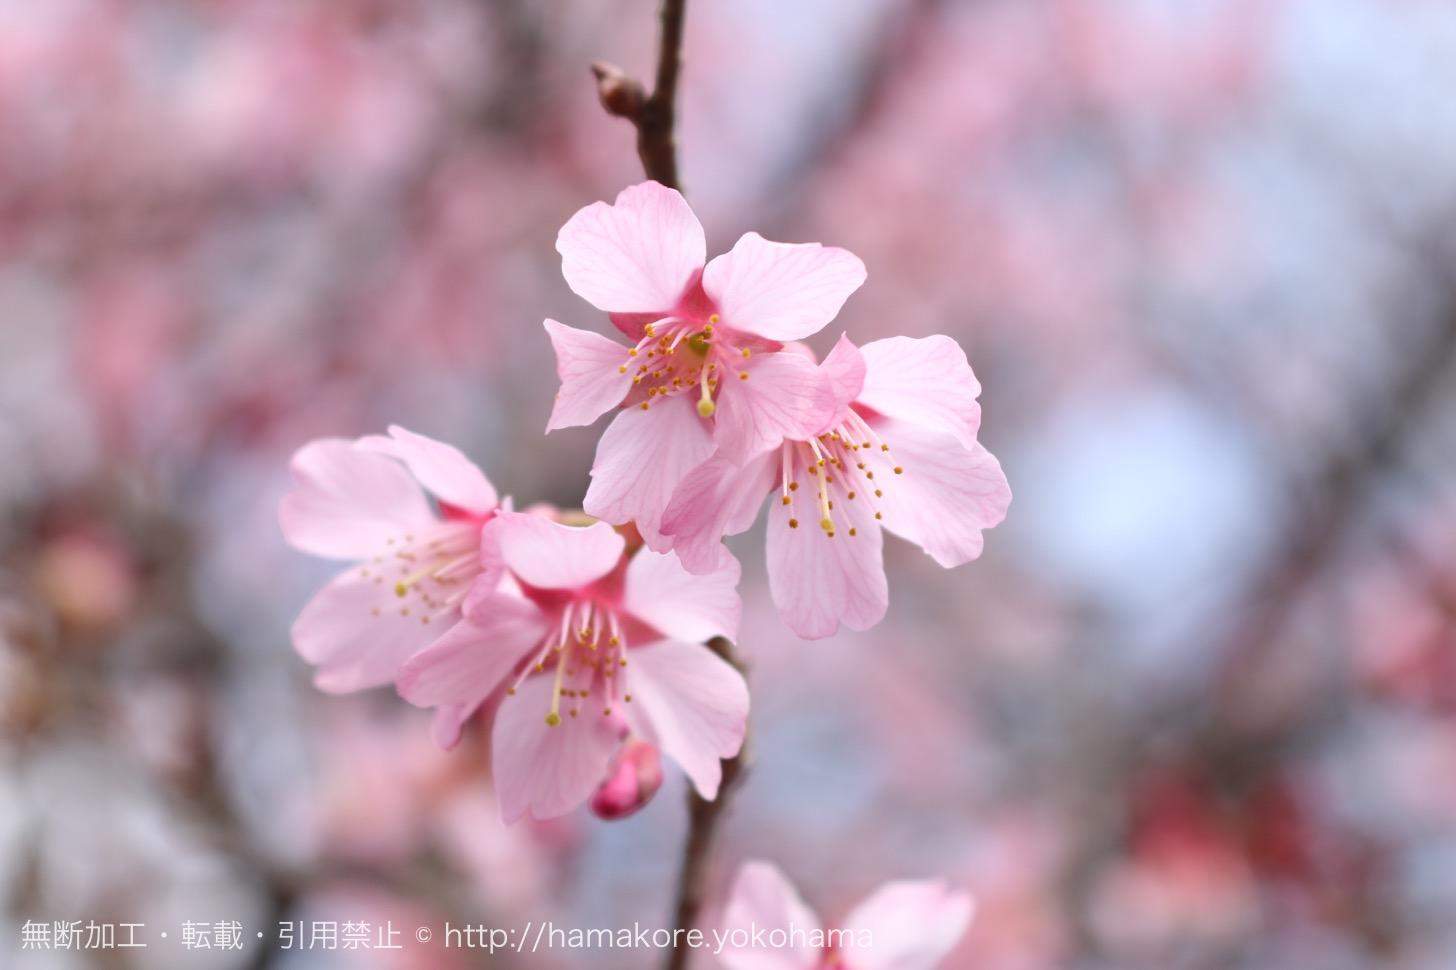 三渓園 2017年の「観梅会」は2月11日から開催!今年の見頃は!?